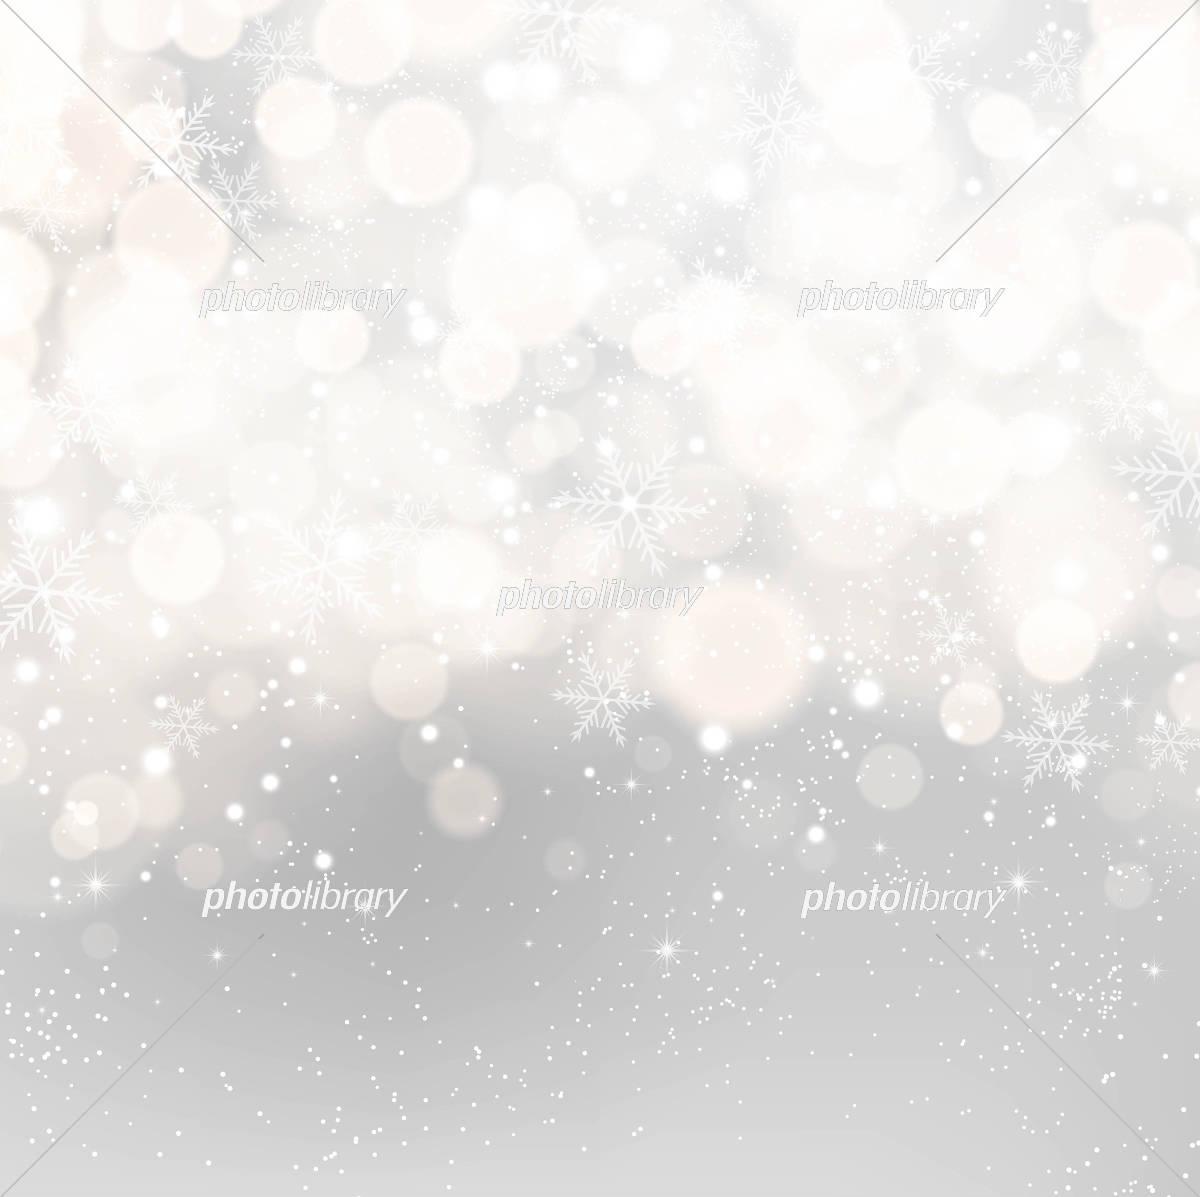 雪のキラキラ背景素材 イラスト素材 [ 5353215 ] - フォトライブラリー